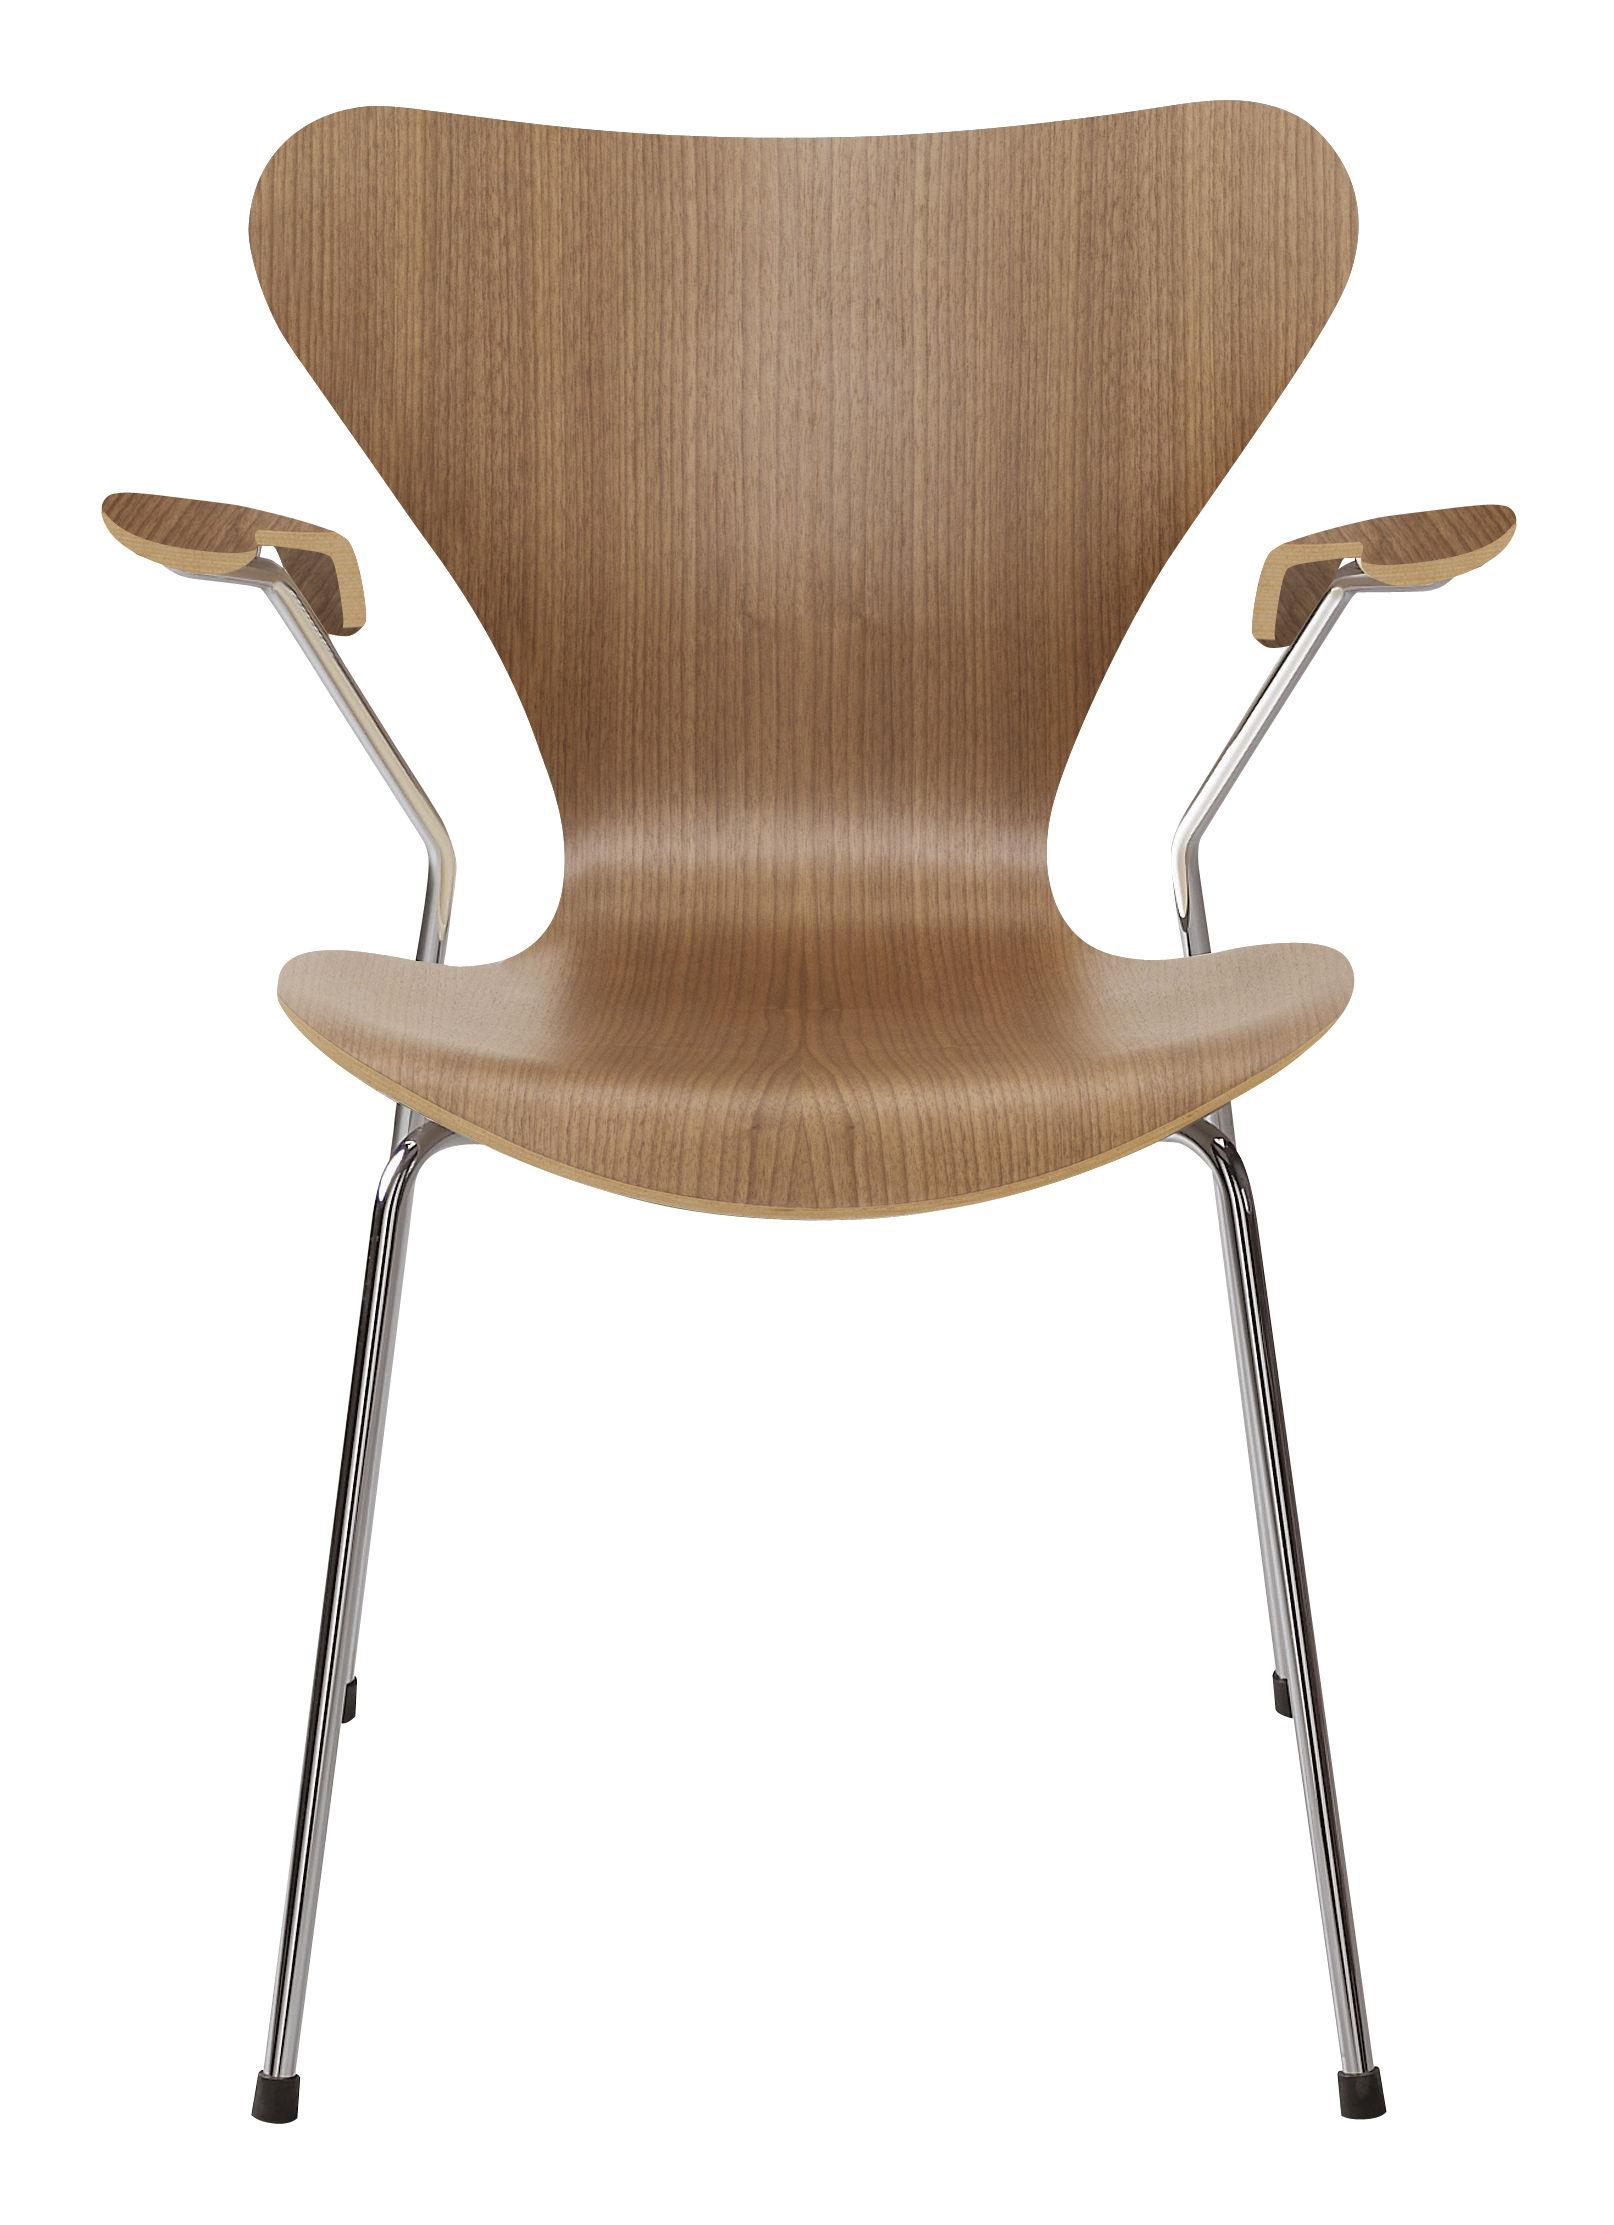 Möbel - Stühle  - Série 7 Sessel Holz natur - Fritz Hansen - Nussbaum - Contreplaqué de noyer verni, Stahl